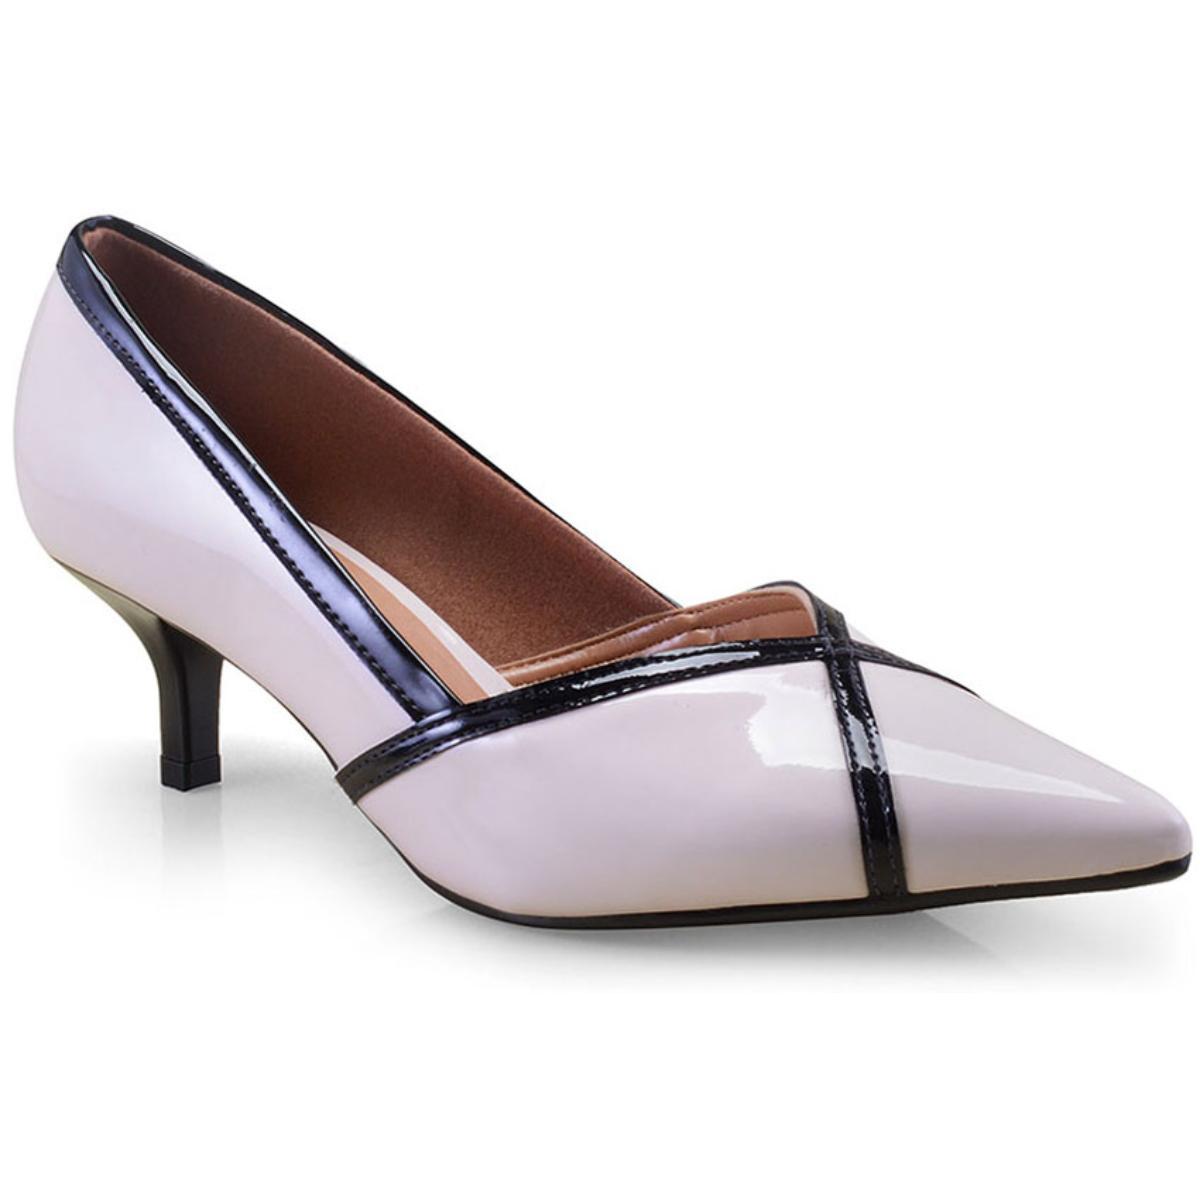 Sapato Feminino Vizzano 1122656 Creme/preto